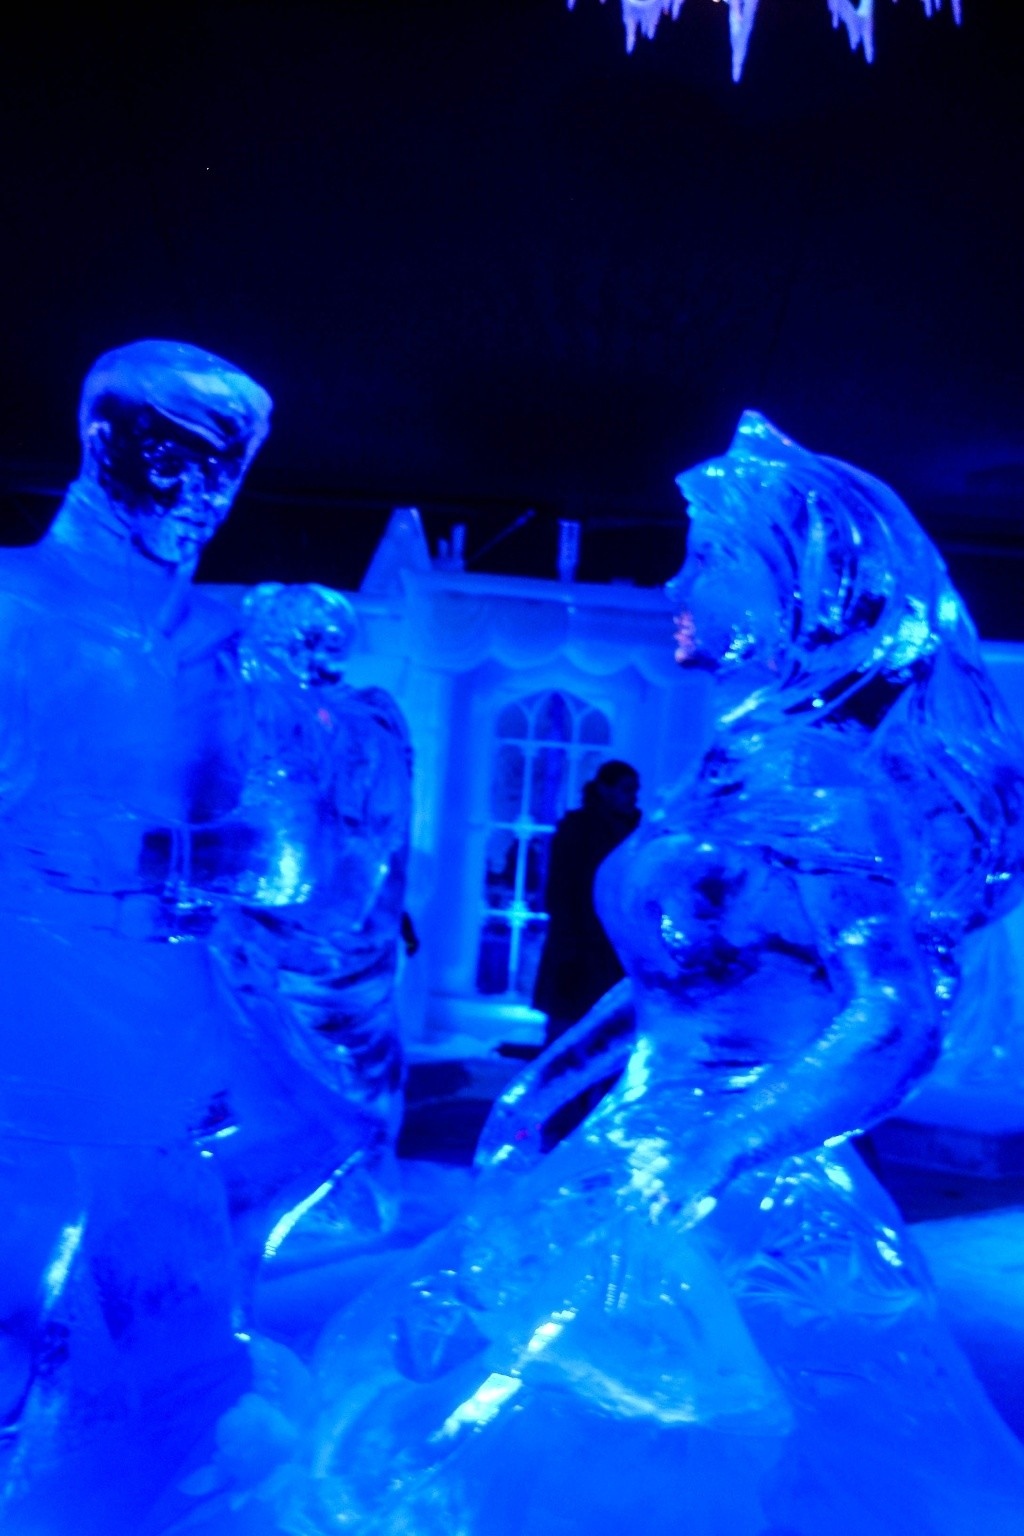 Festival de sculptures sur glace de Bruges - Belgique Ss850111